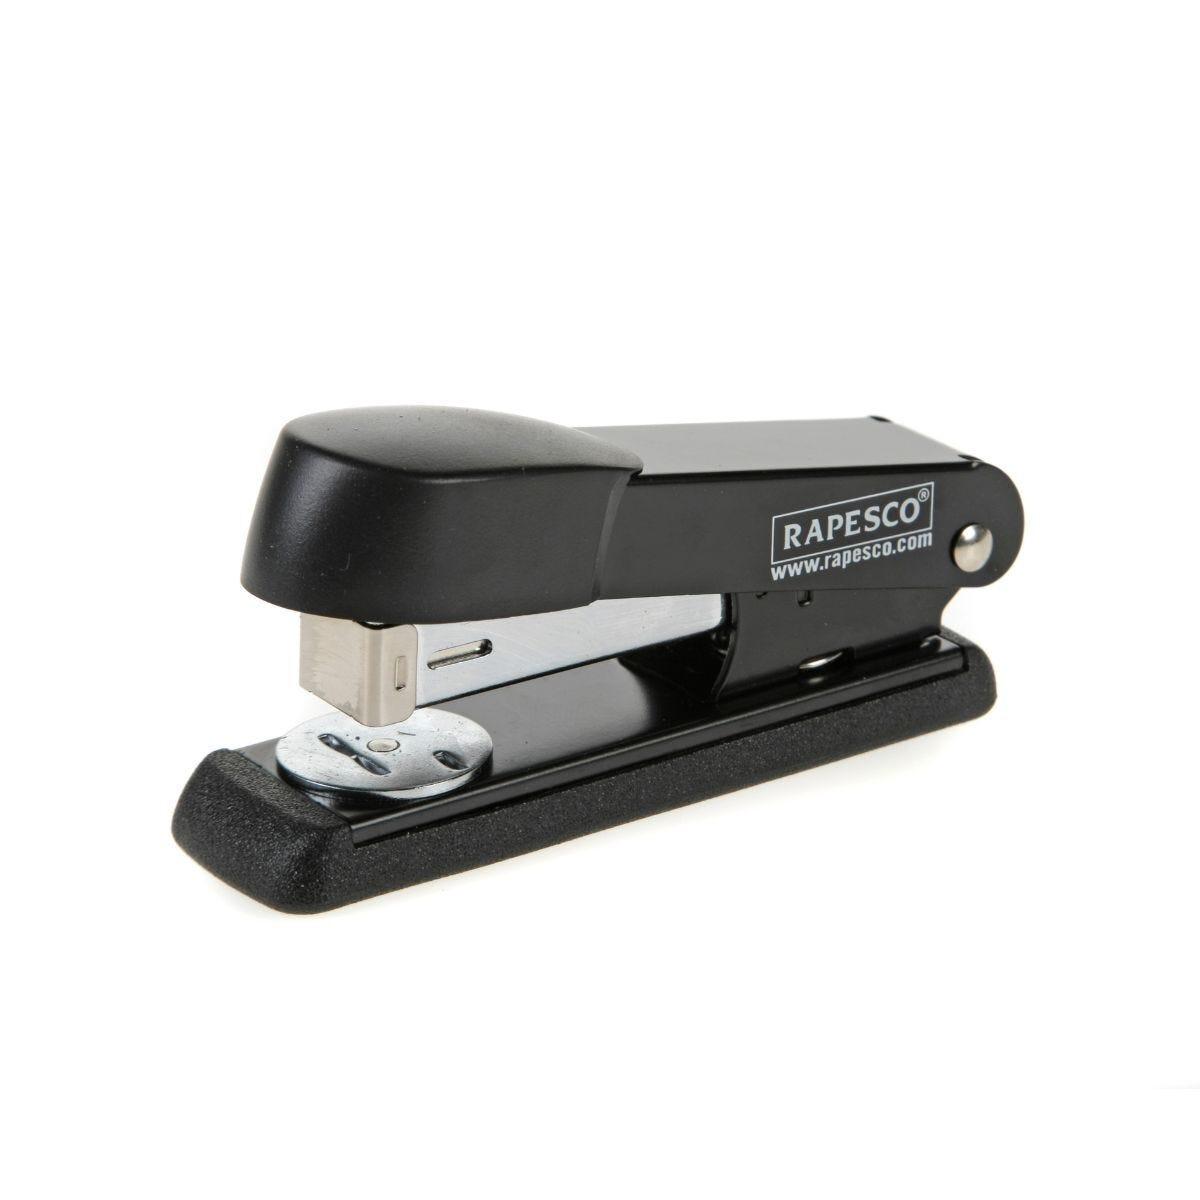 Rapesco Metal Stapler Half Strip No 26/6 or 24/6